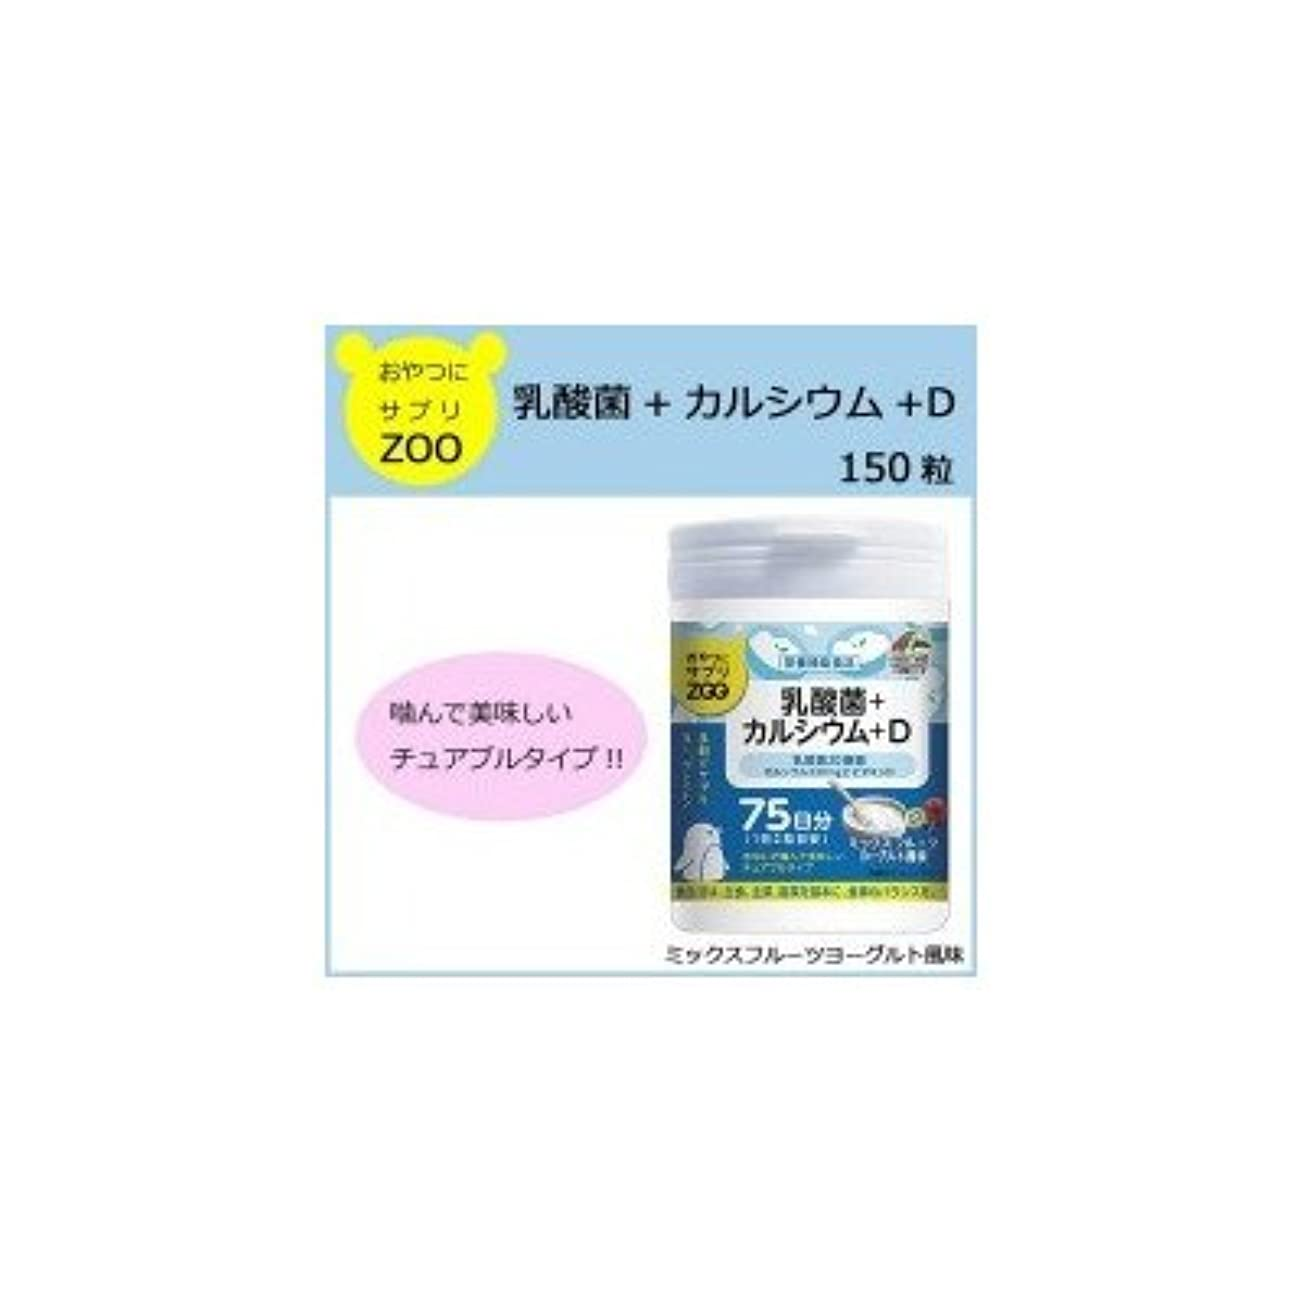 ユニマットリケン おやつにサプリZOO 乳酸菌+カルシウム+D 150粒